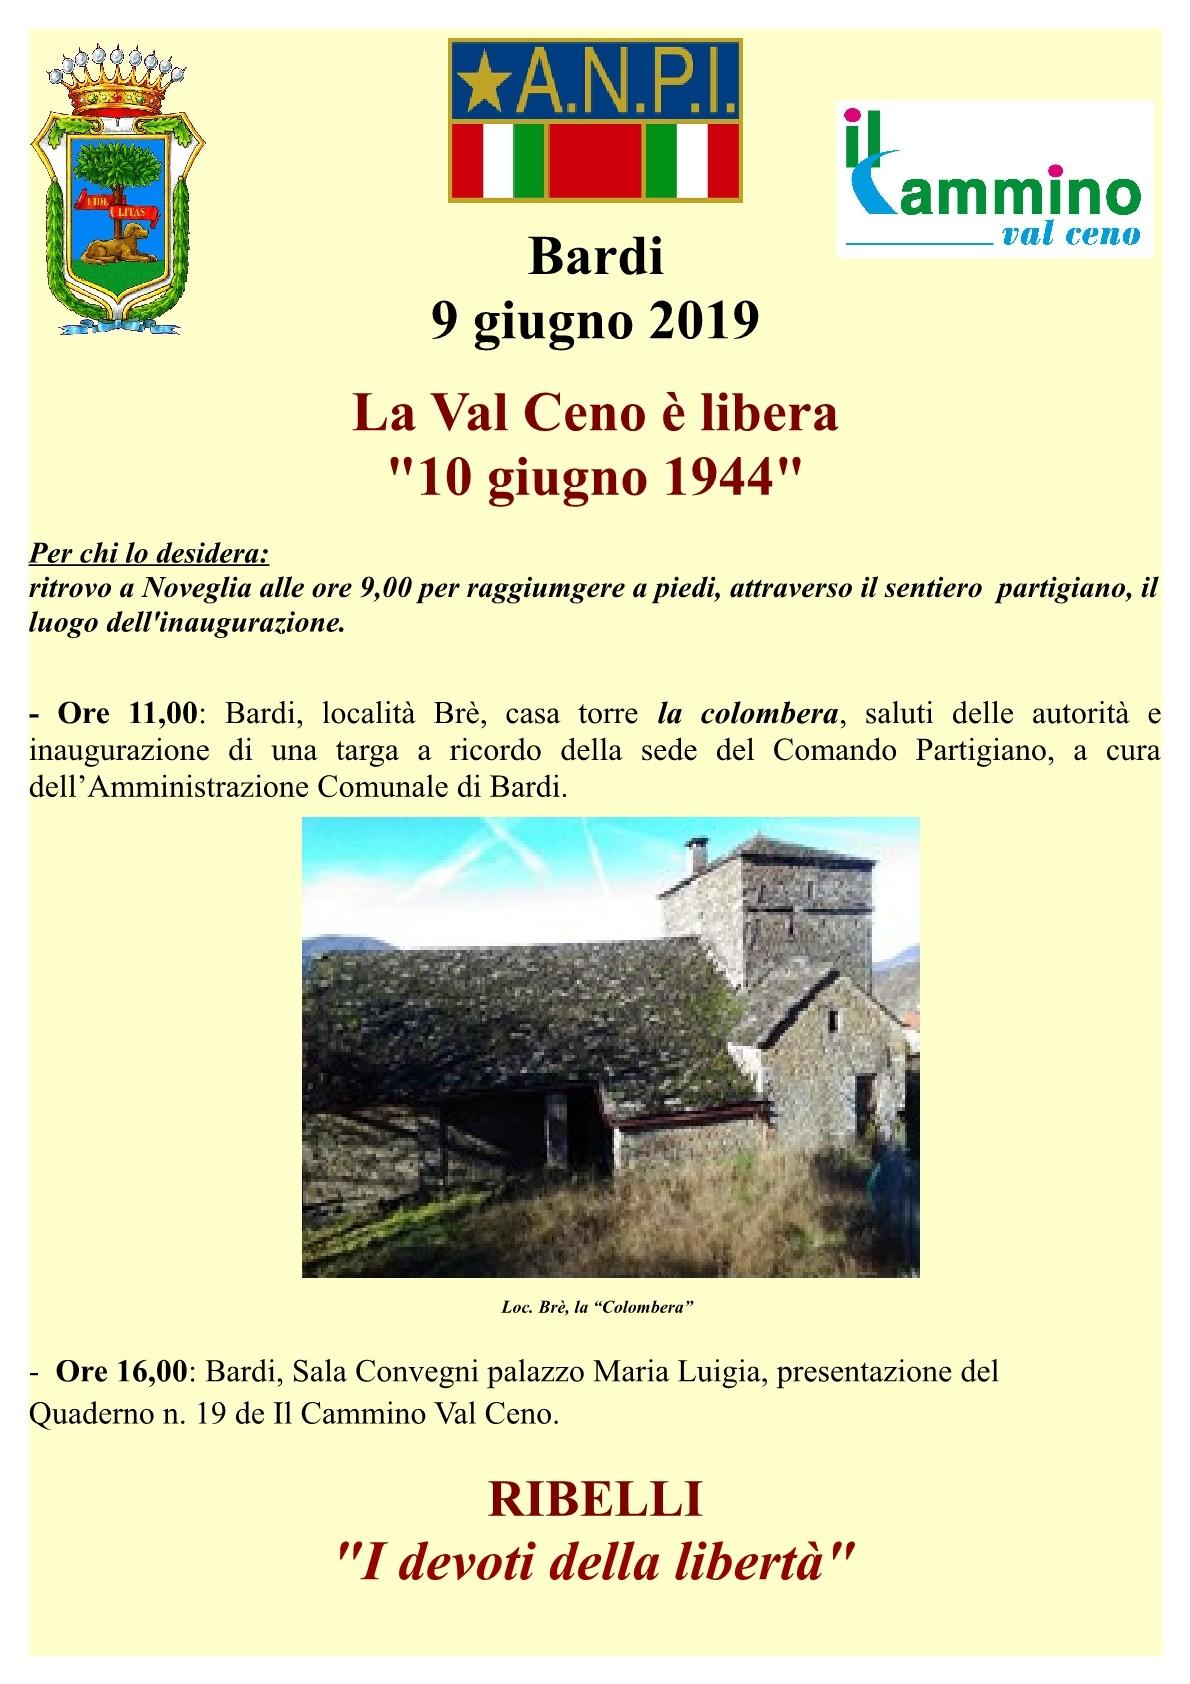 Continuano le celebrazioni dei 75°. Il 10 giugno 1944 la Val Ceno è libera.